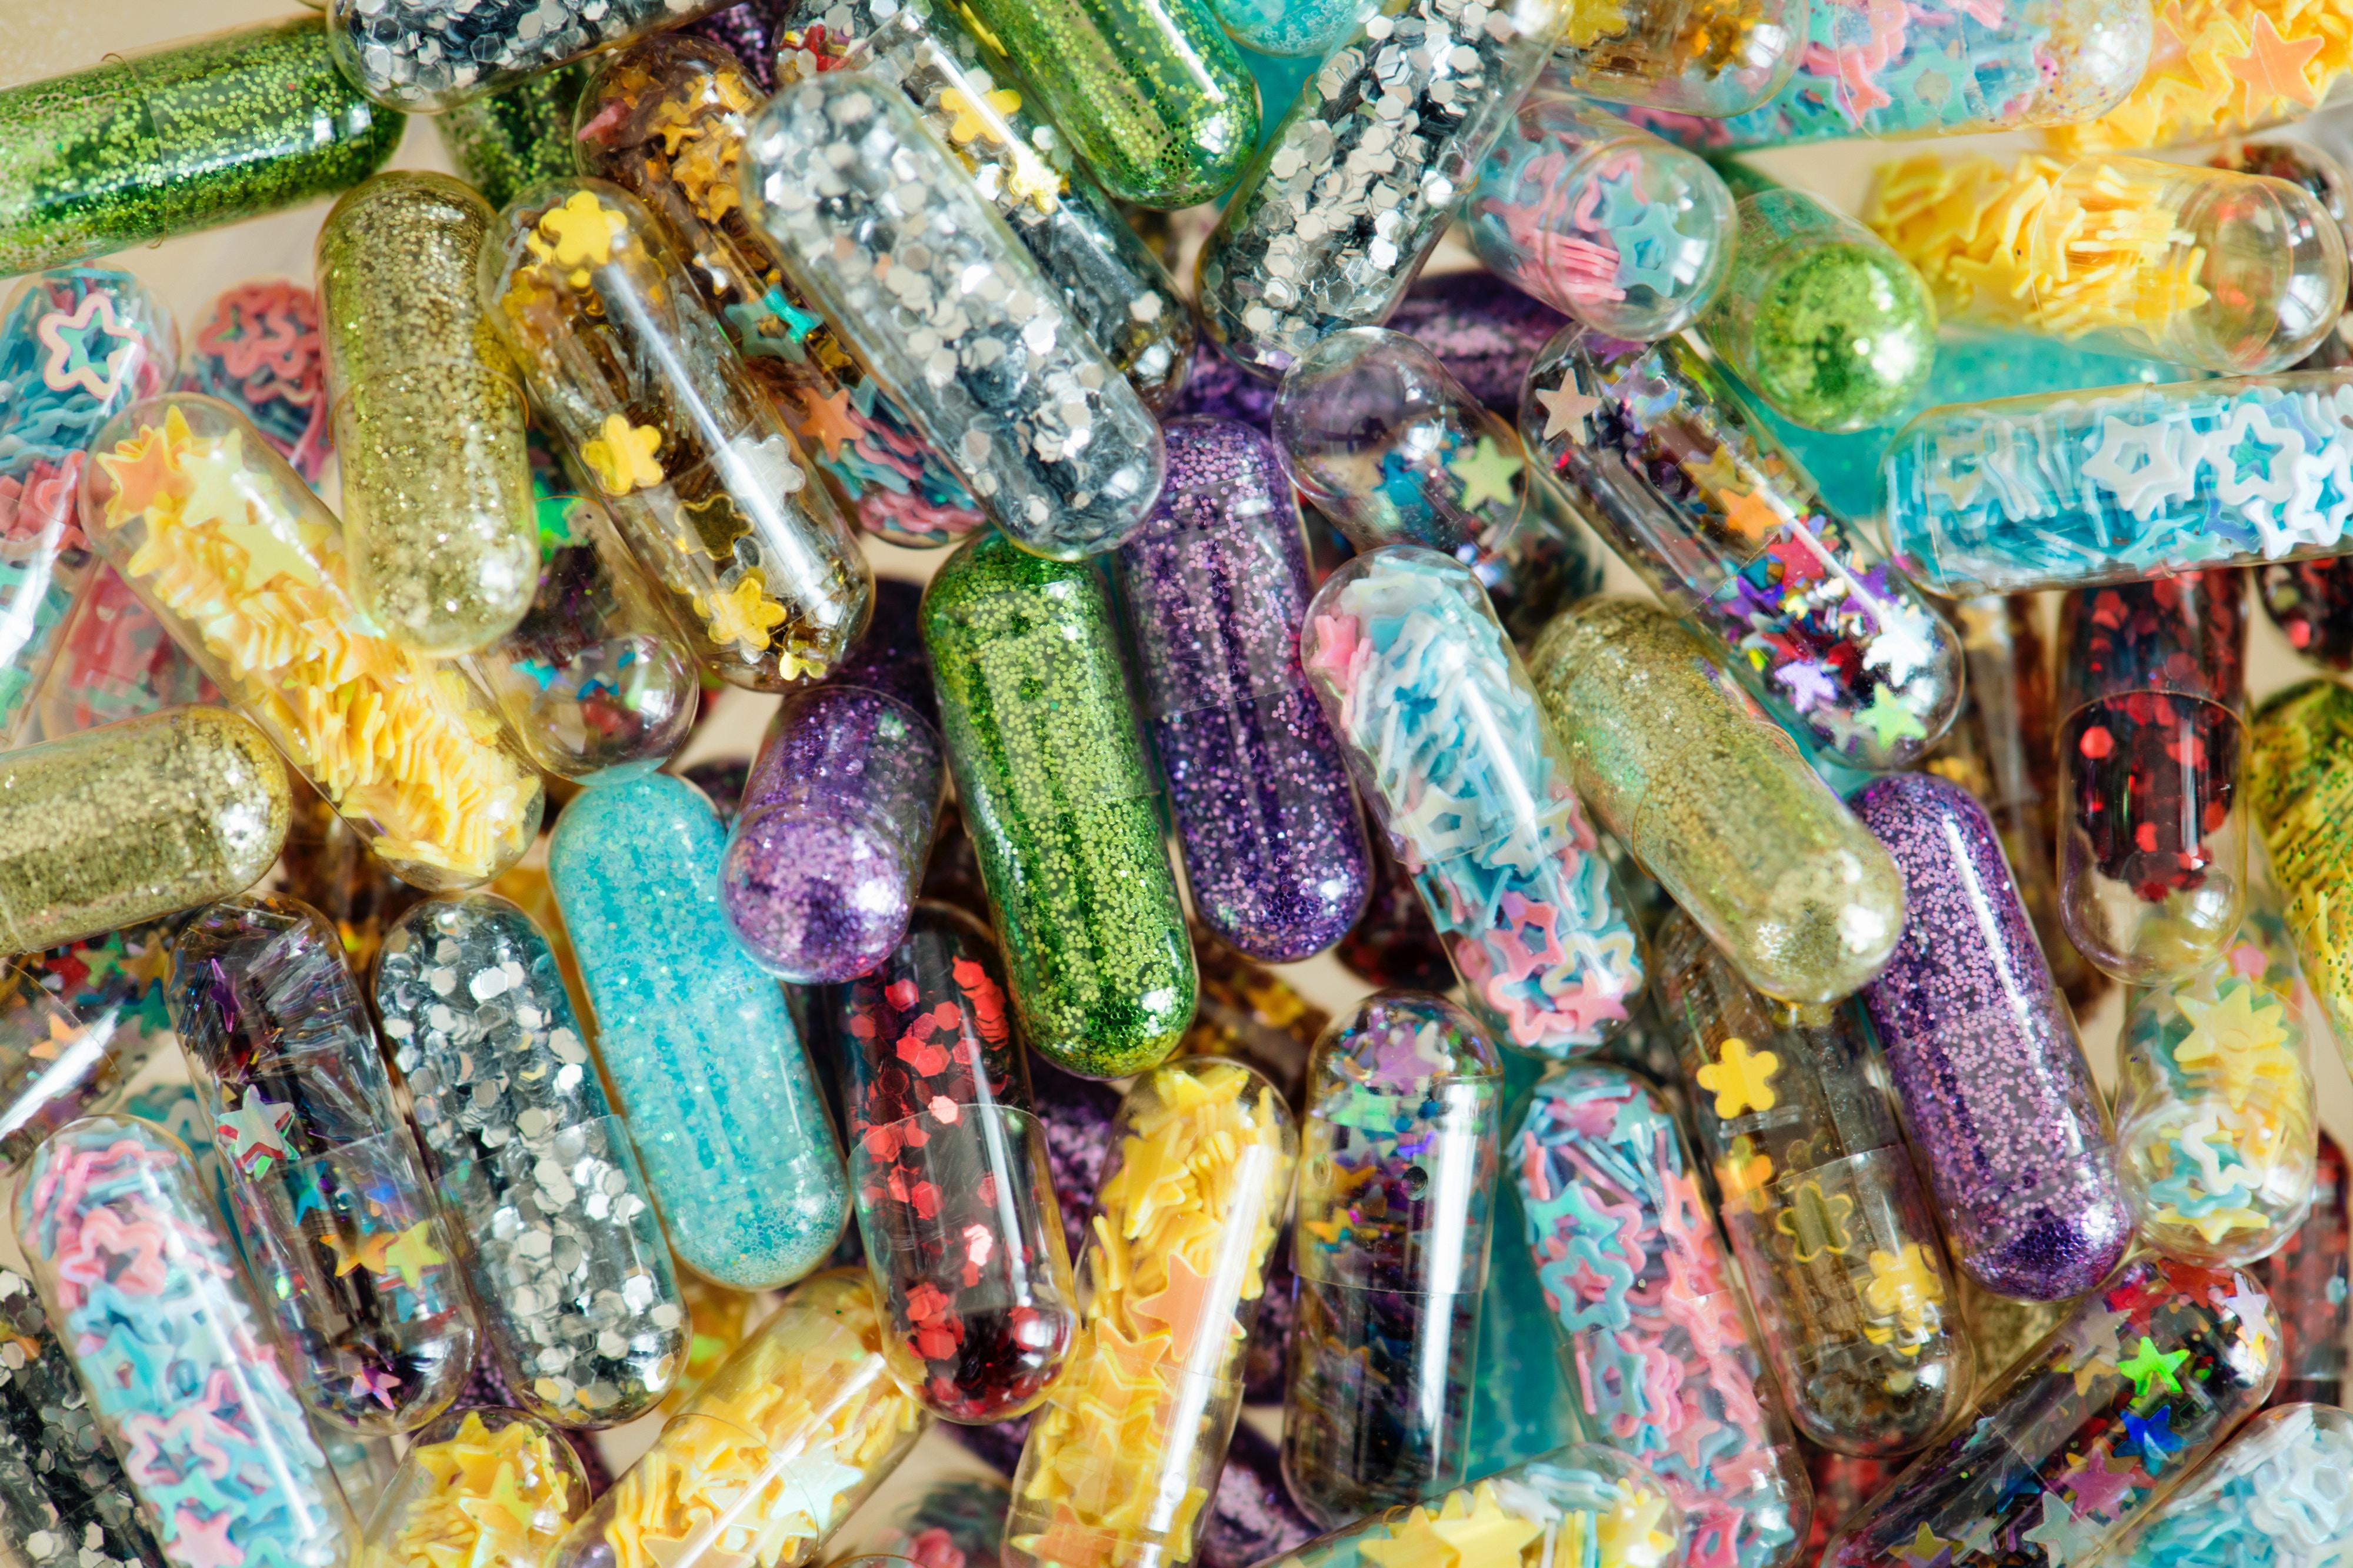 Ein Stapel durchsichtiger Tabletten, die mit Pailletten und Konfetti gefüllt sind